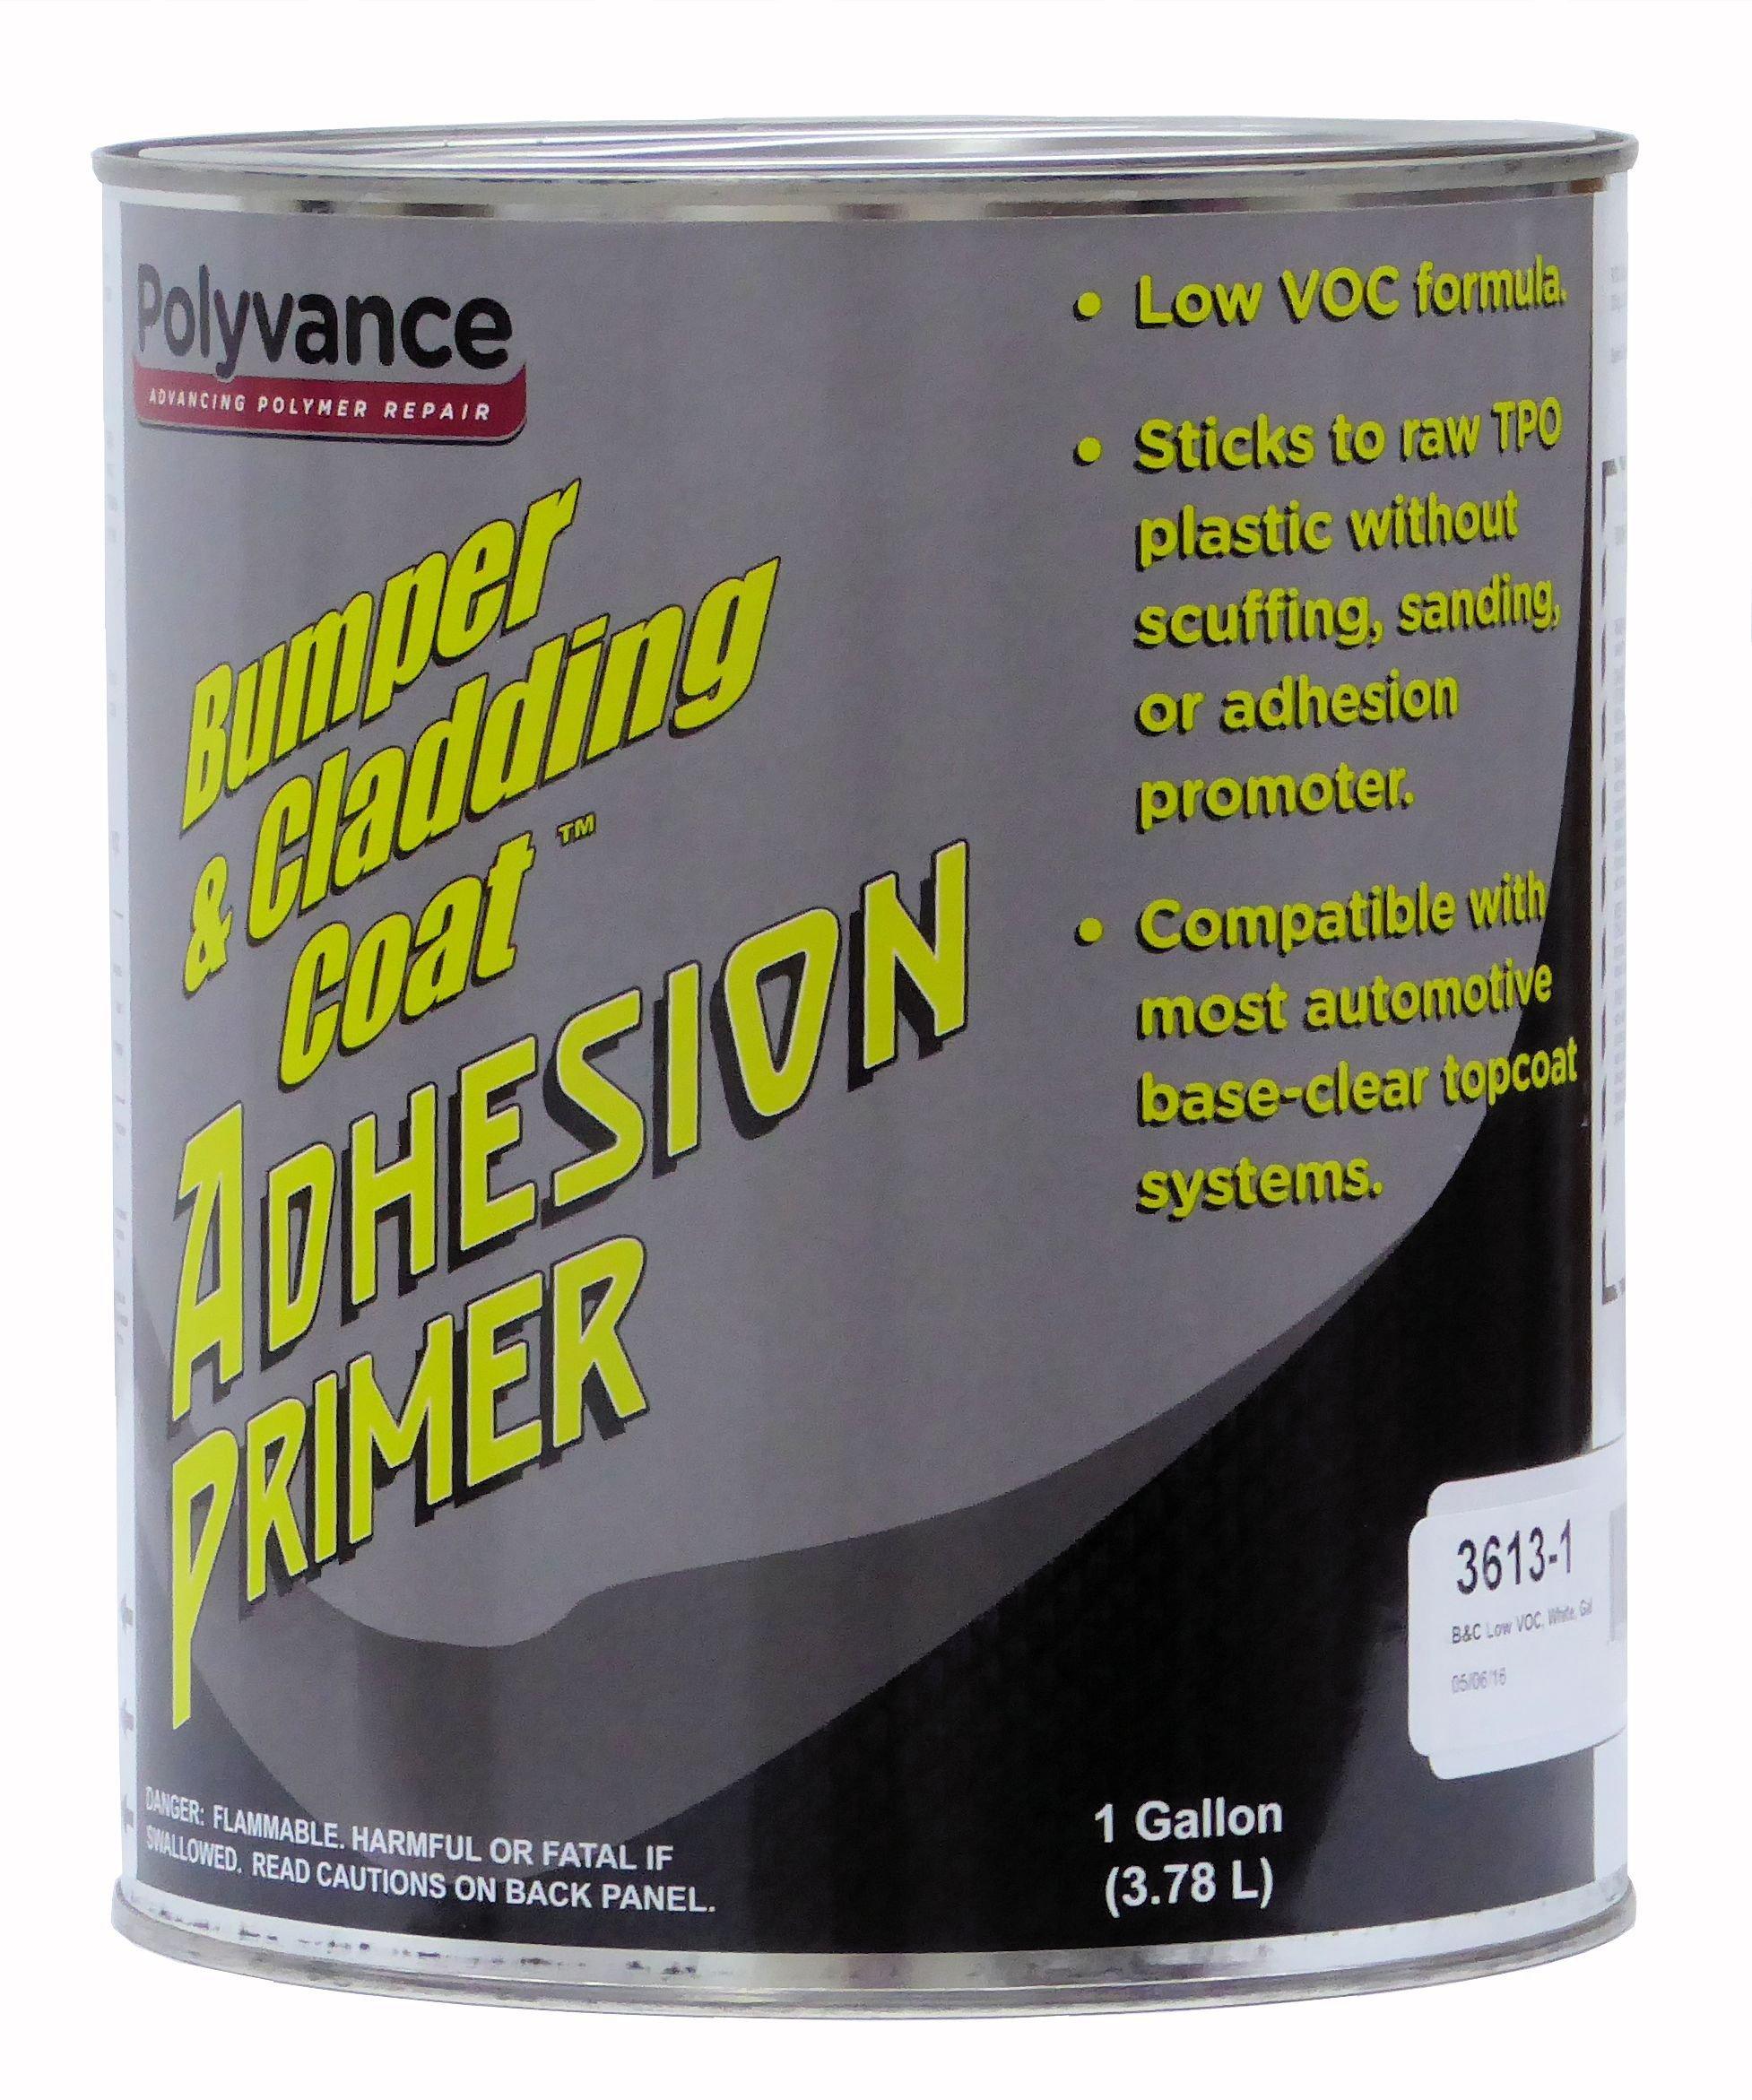 Bumper and Cladding Adhesion Primer, Low VOC, White, Gallon